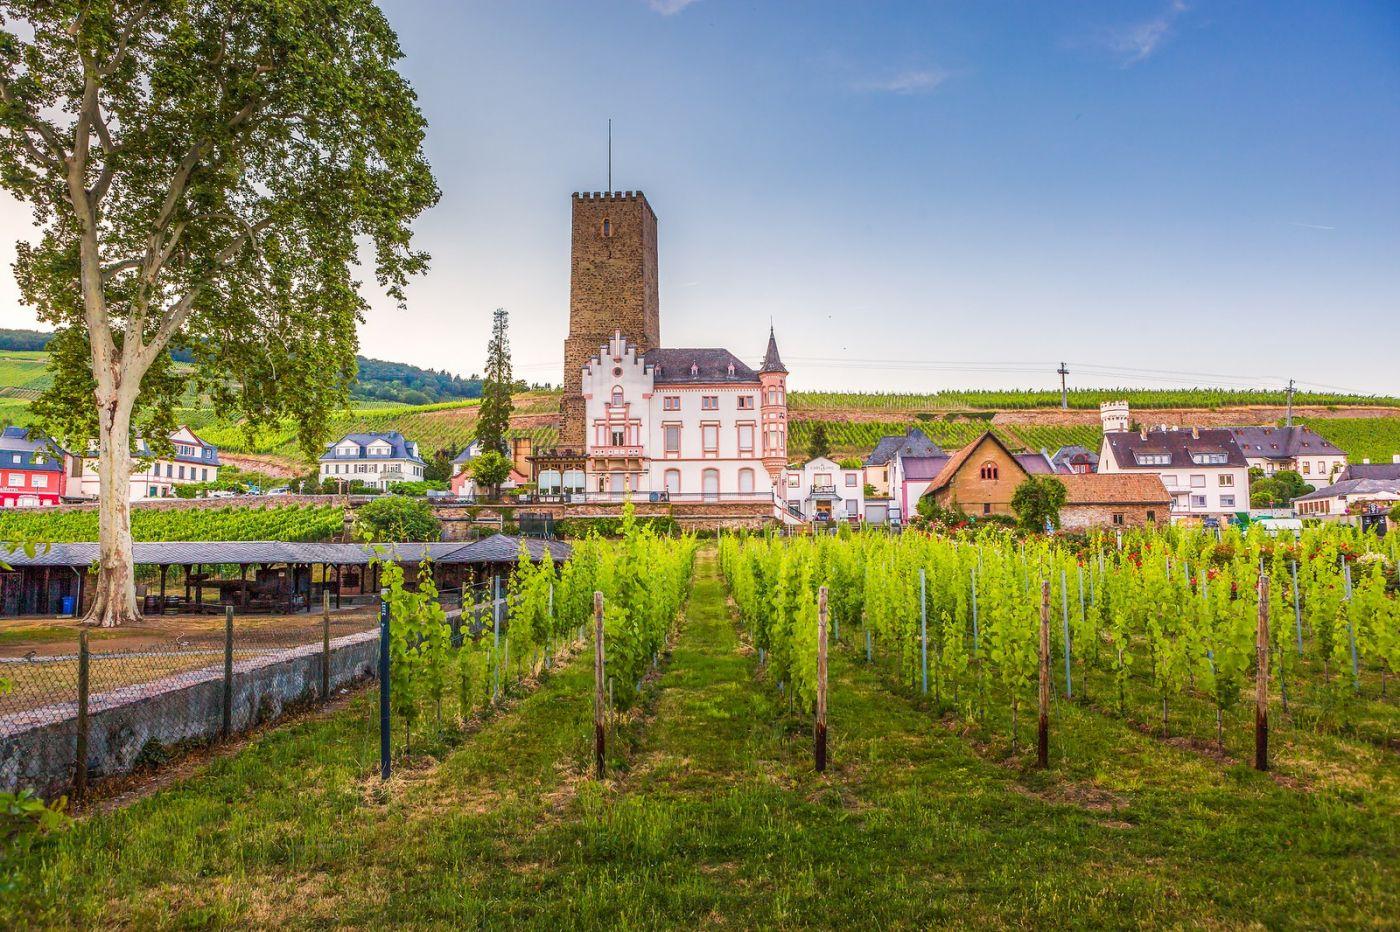 德国吕德斯海姆(Rudesheim),莱茵河畔的小镇_图1-15